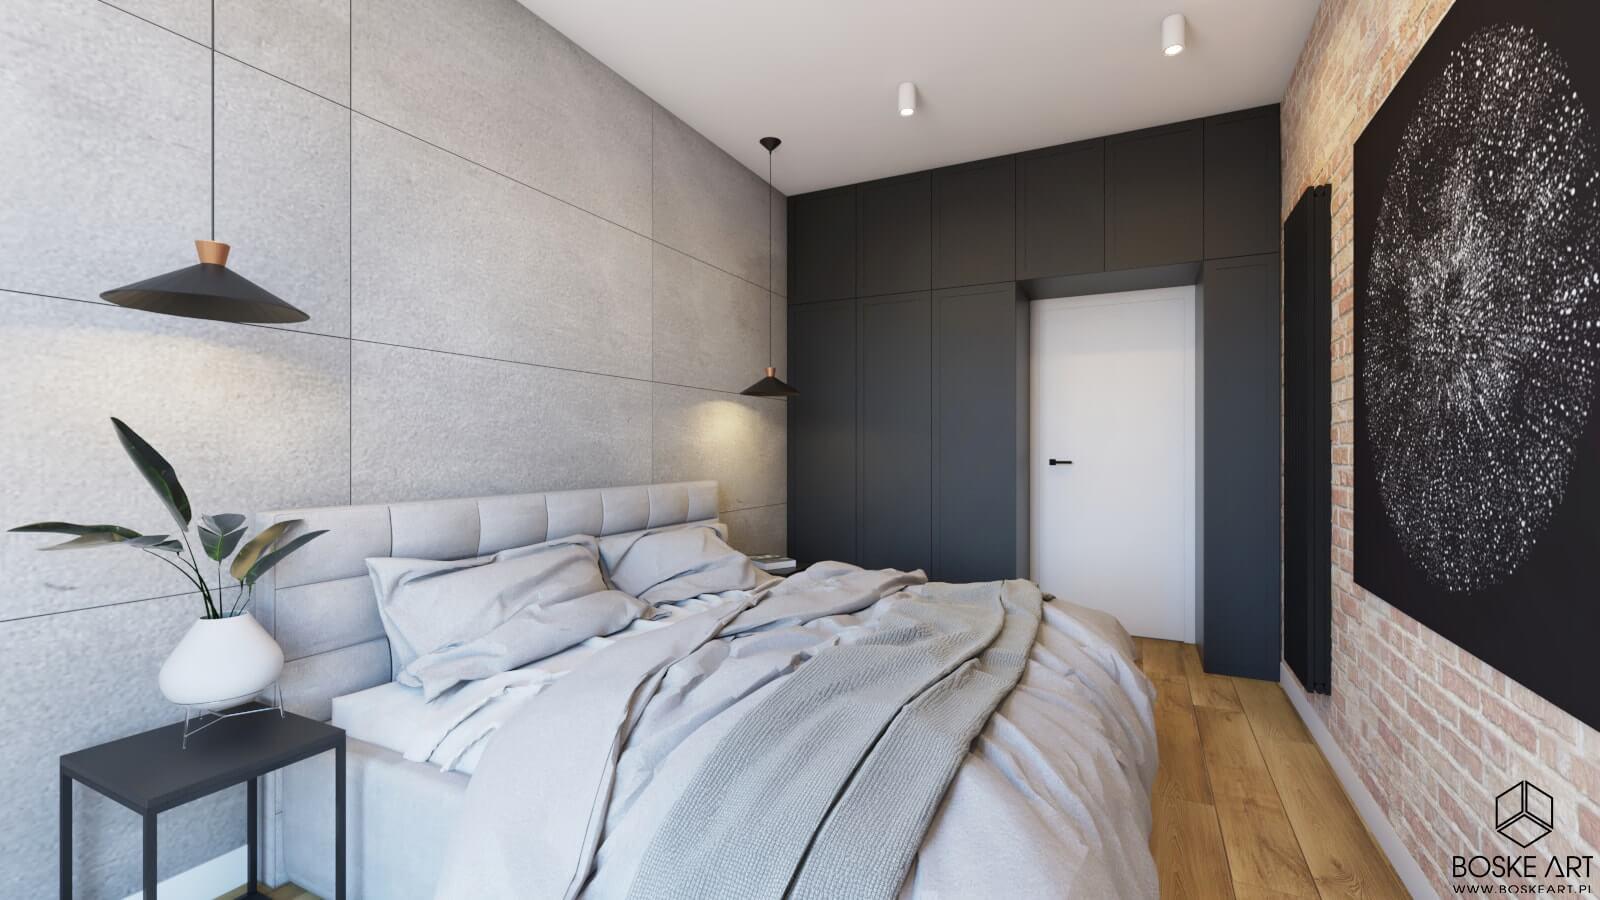 17_mieszkanie_poznan_boske_art_projektowanie_wnetrz_architektura_natalia_robaszkiewicz-min